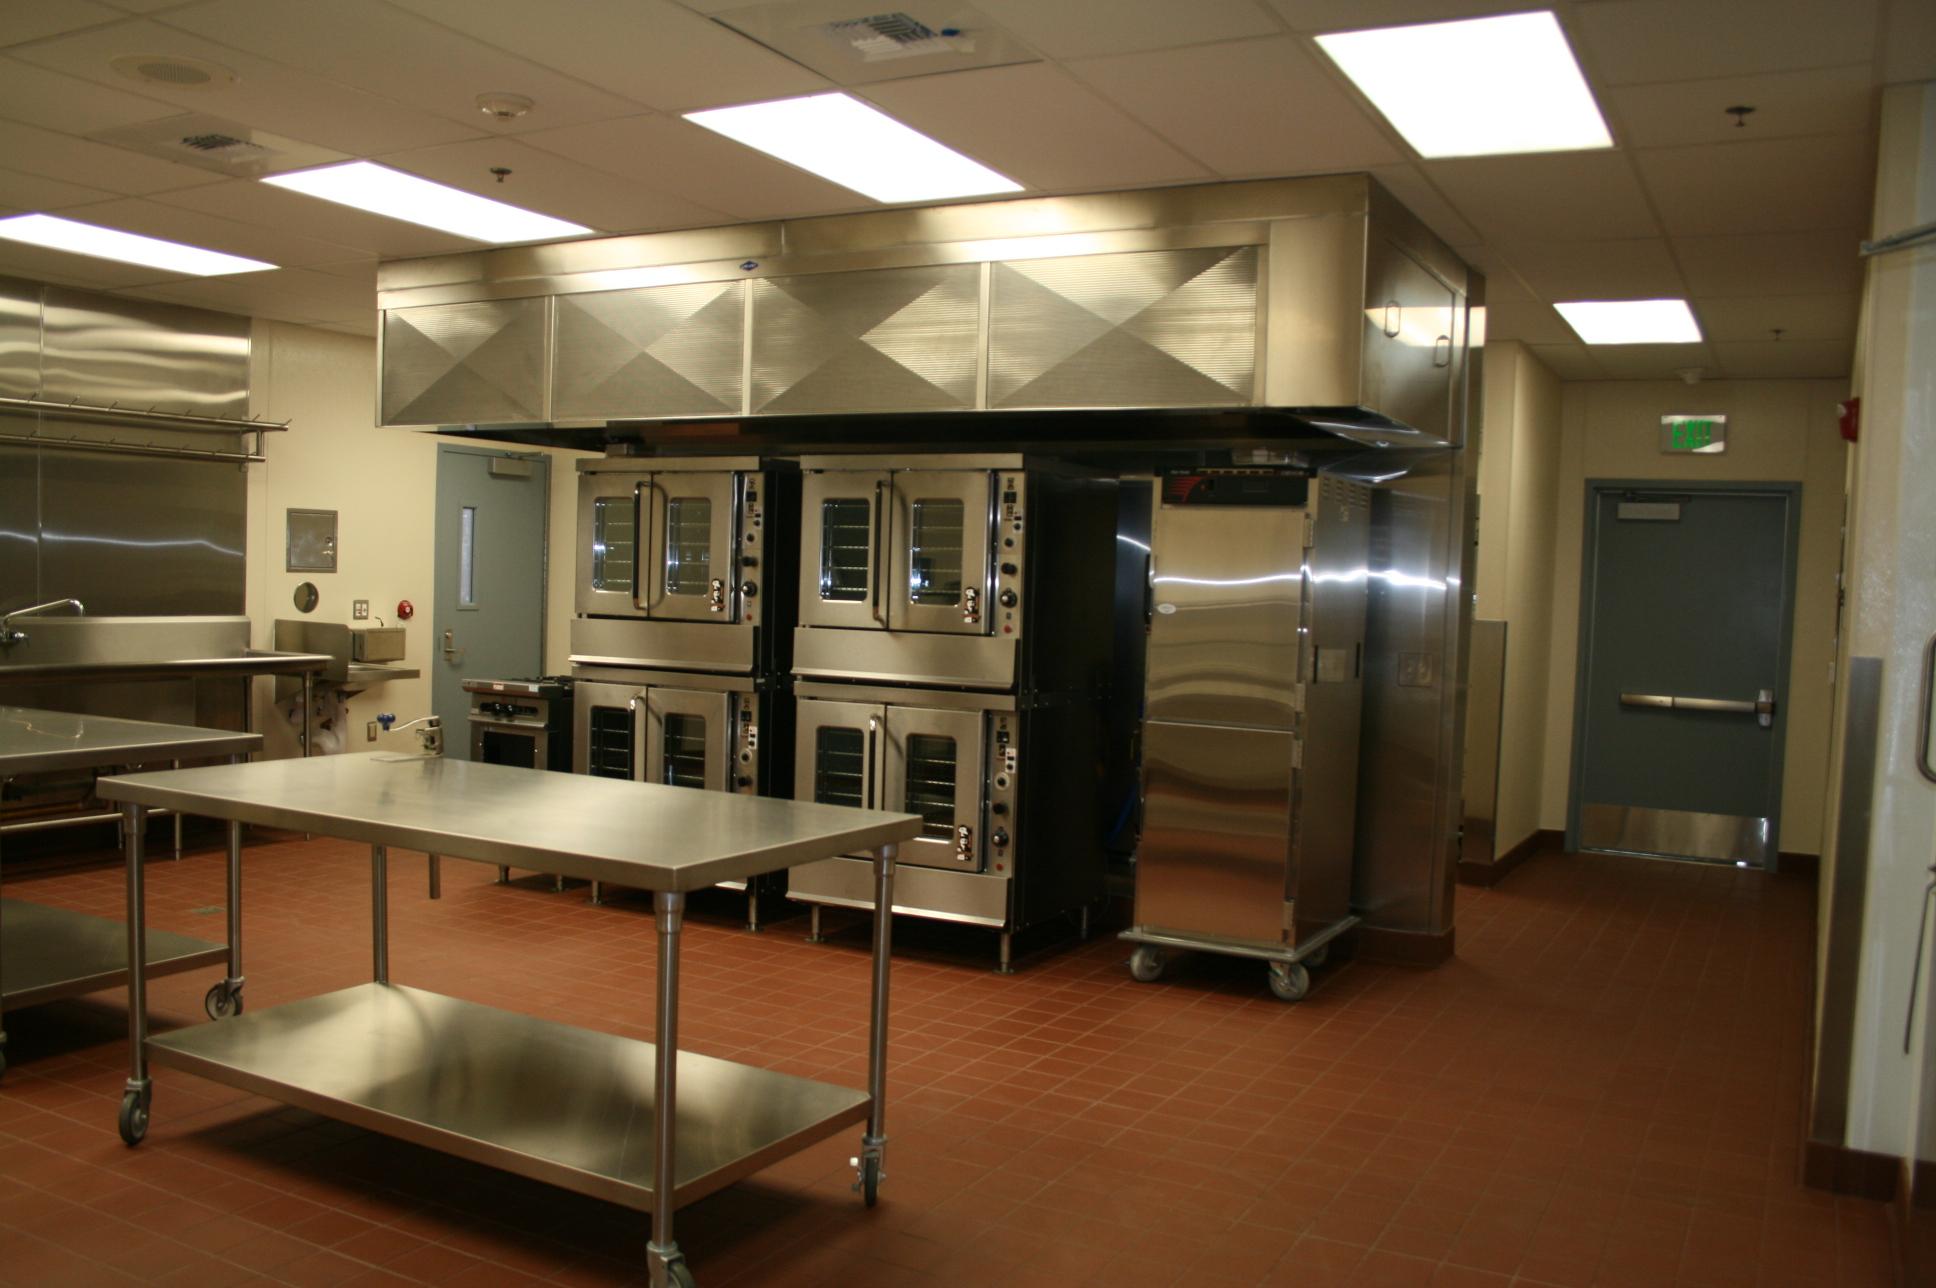 08-2010 CRES #16 139 - rm 414 Kitchen.jpg